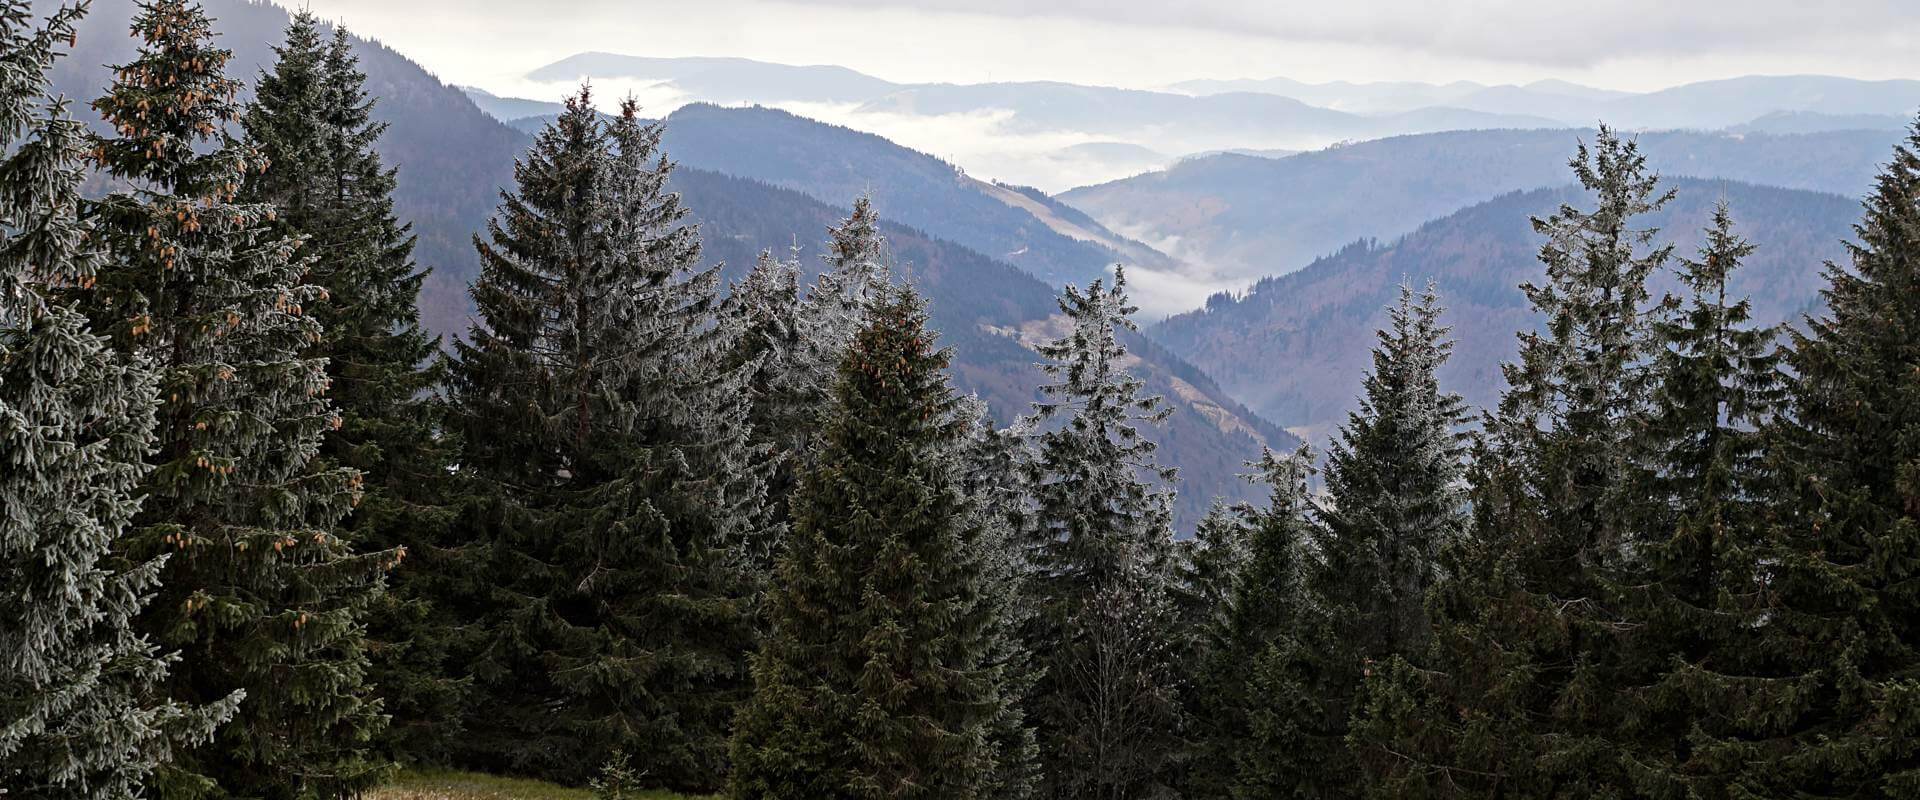 Gengs Linde im Schwarzwald – Genussvoll ins neue Jahr